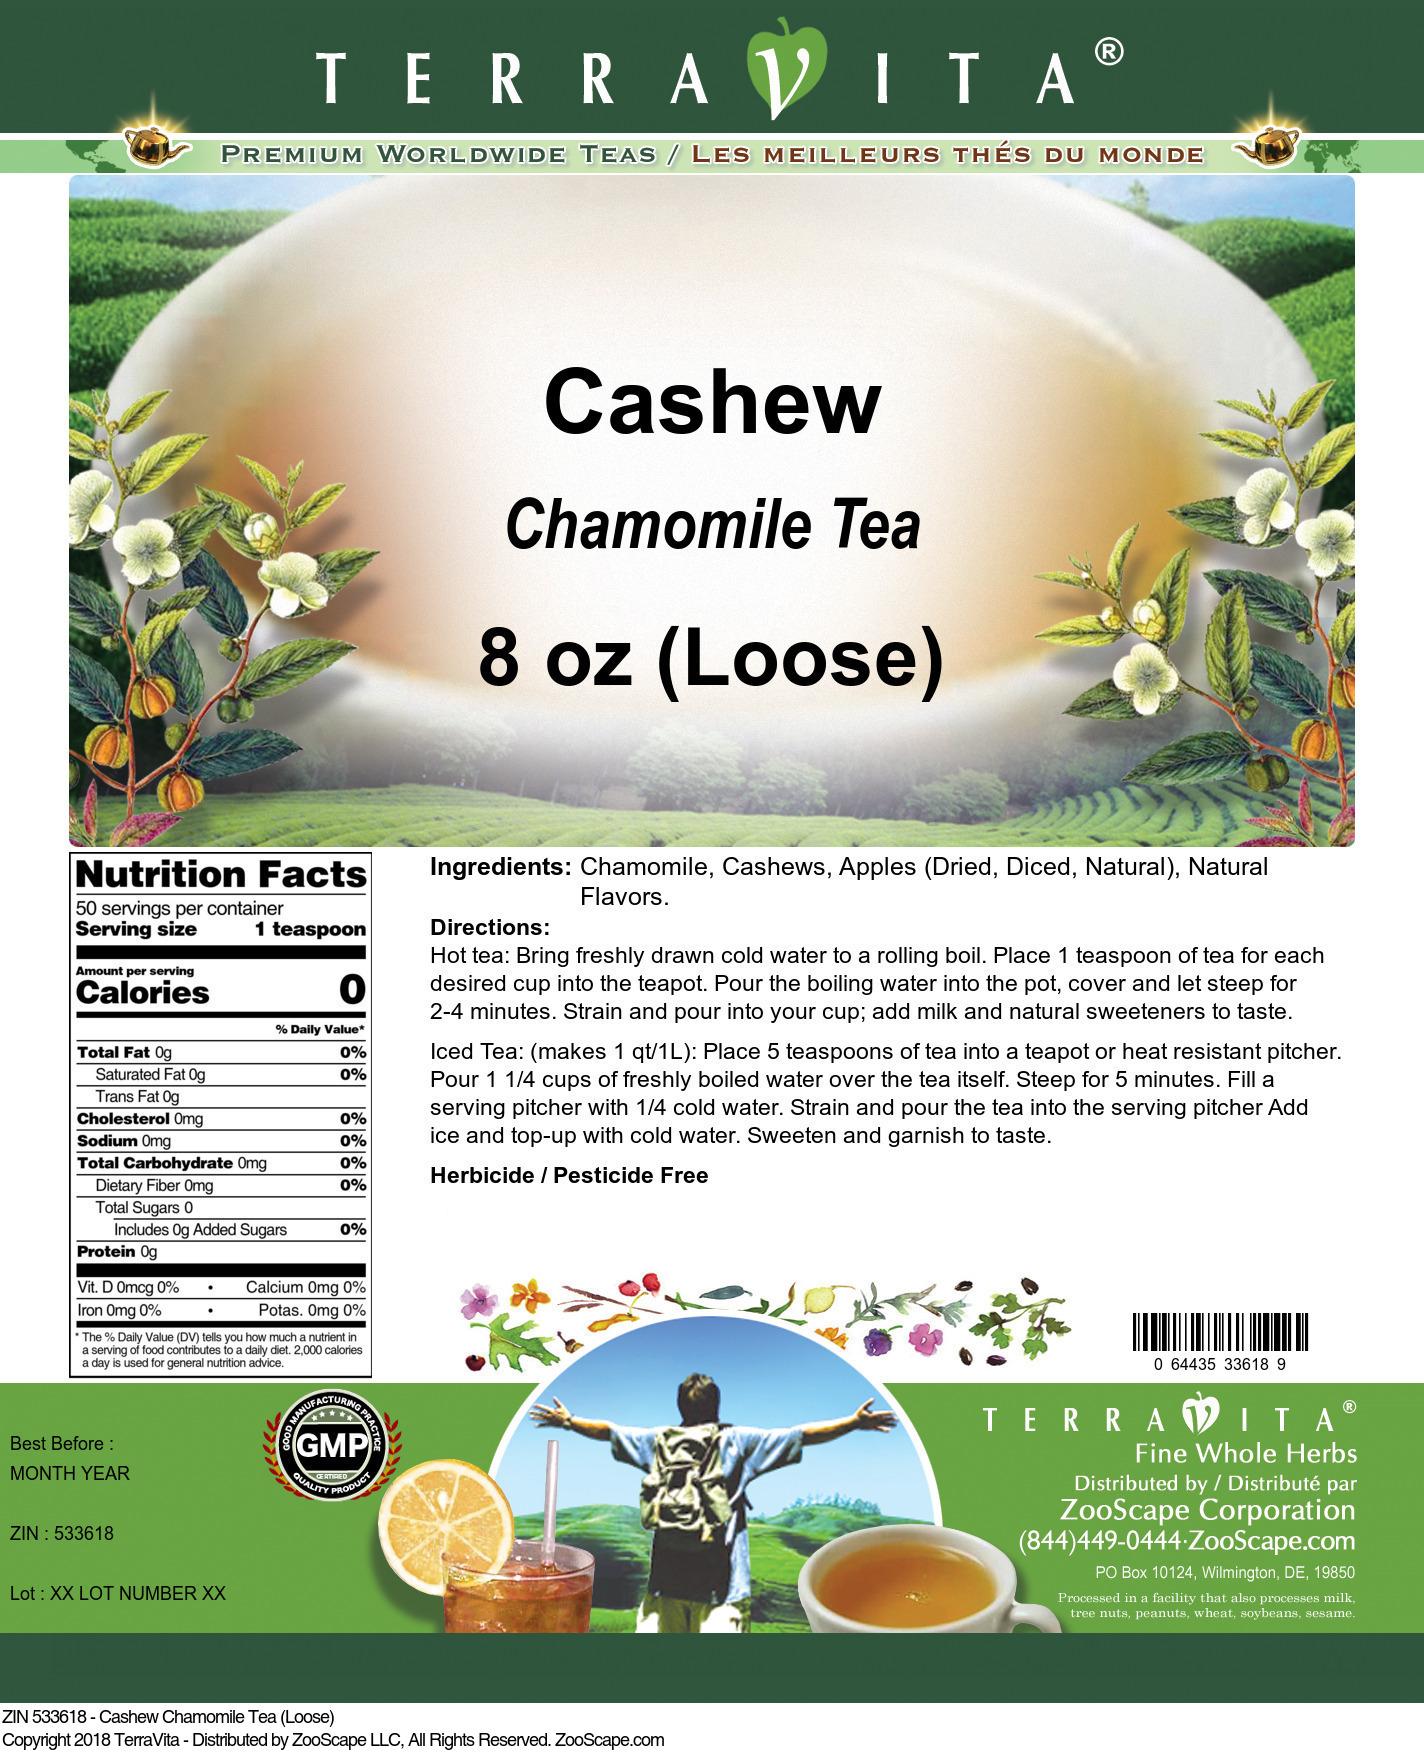 Cashew Chamomile Tea (Loose)